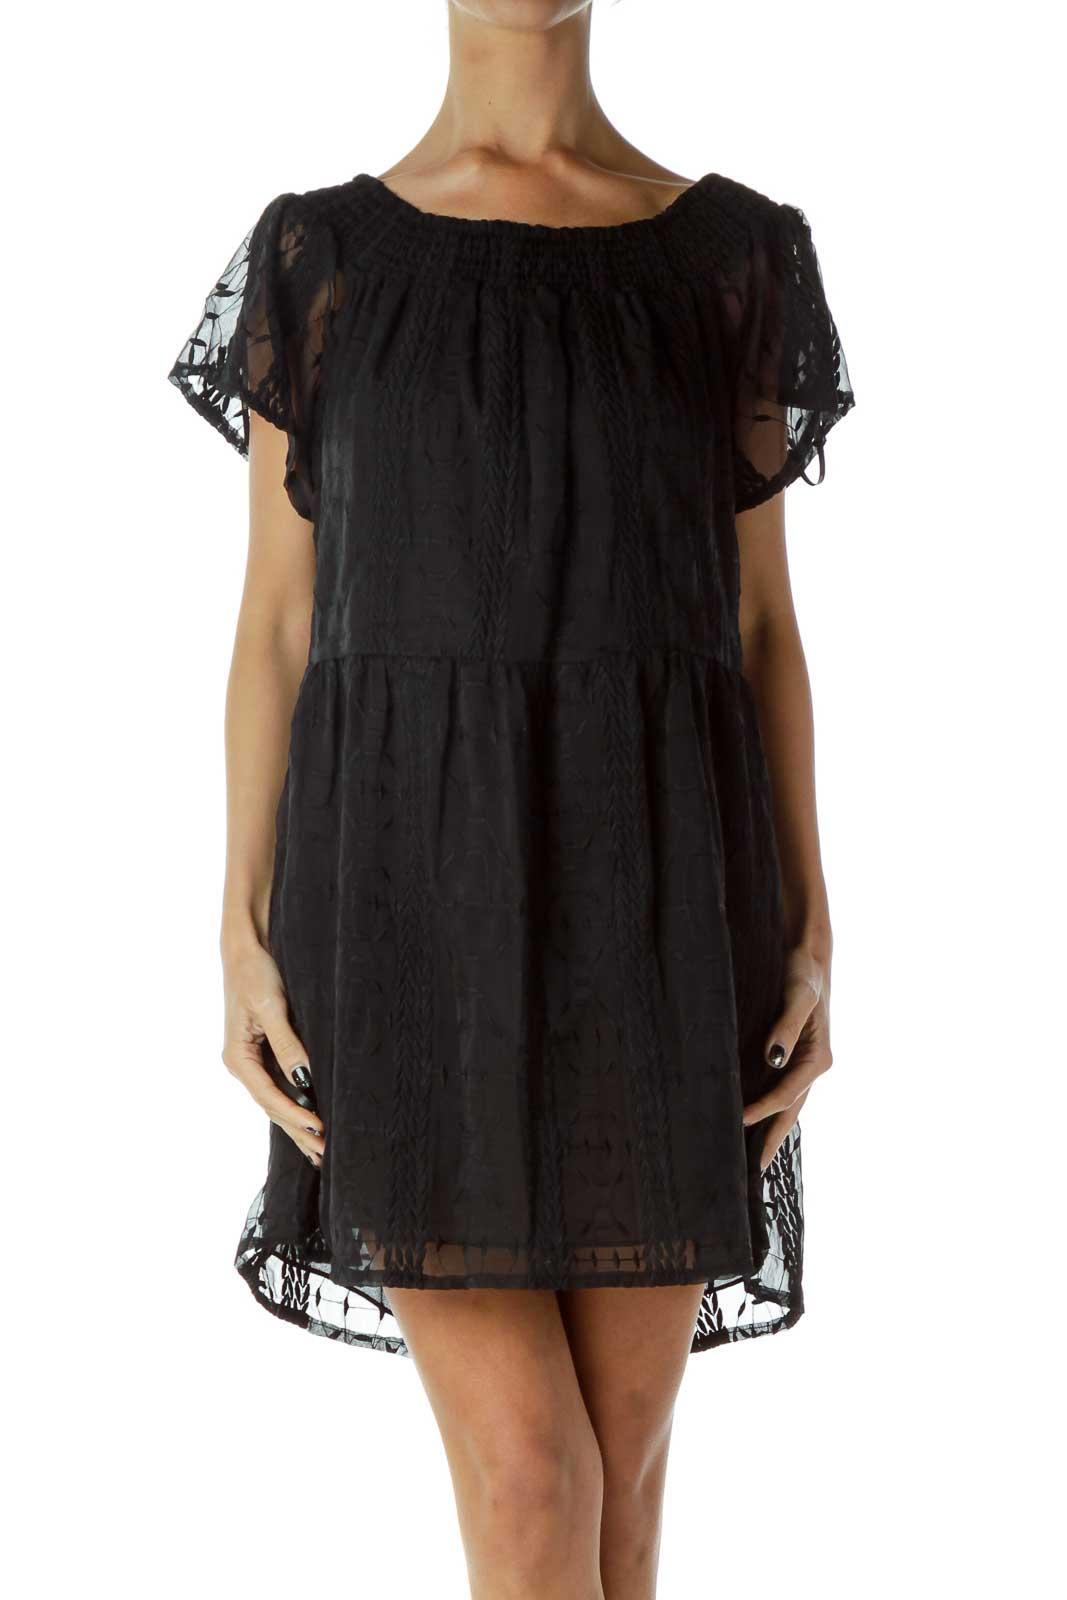 Black Off-Shoulder Cocktail Dress Front